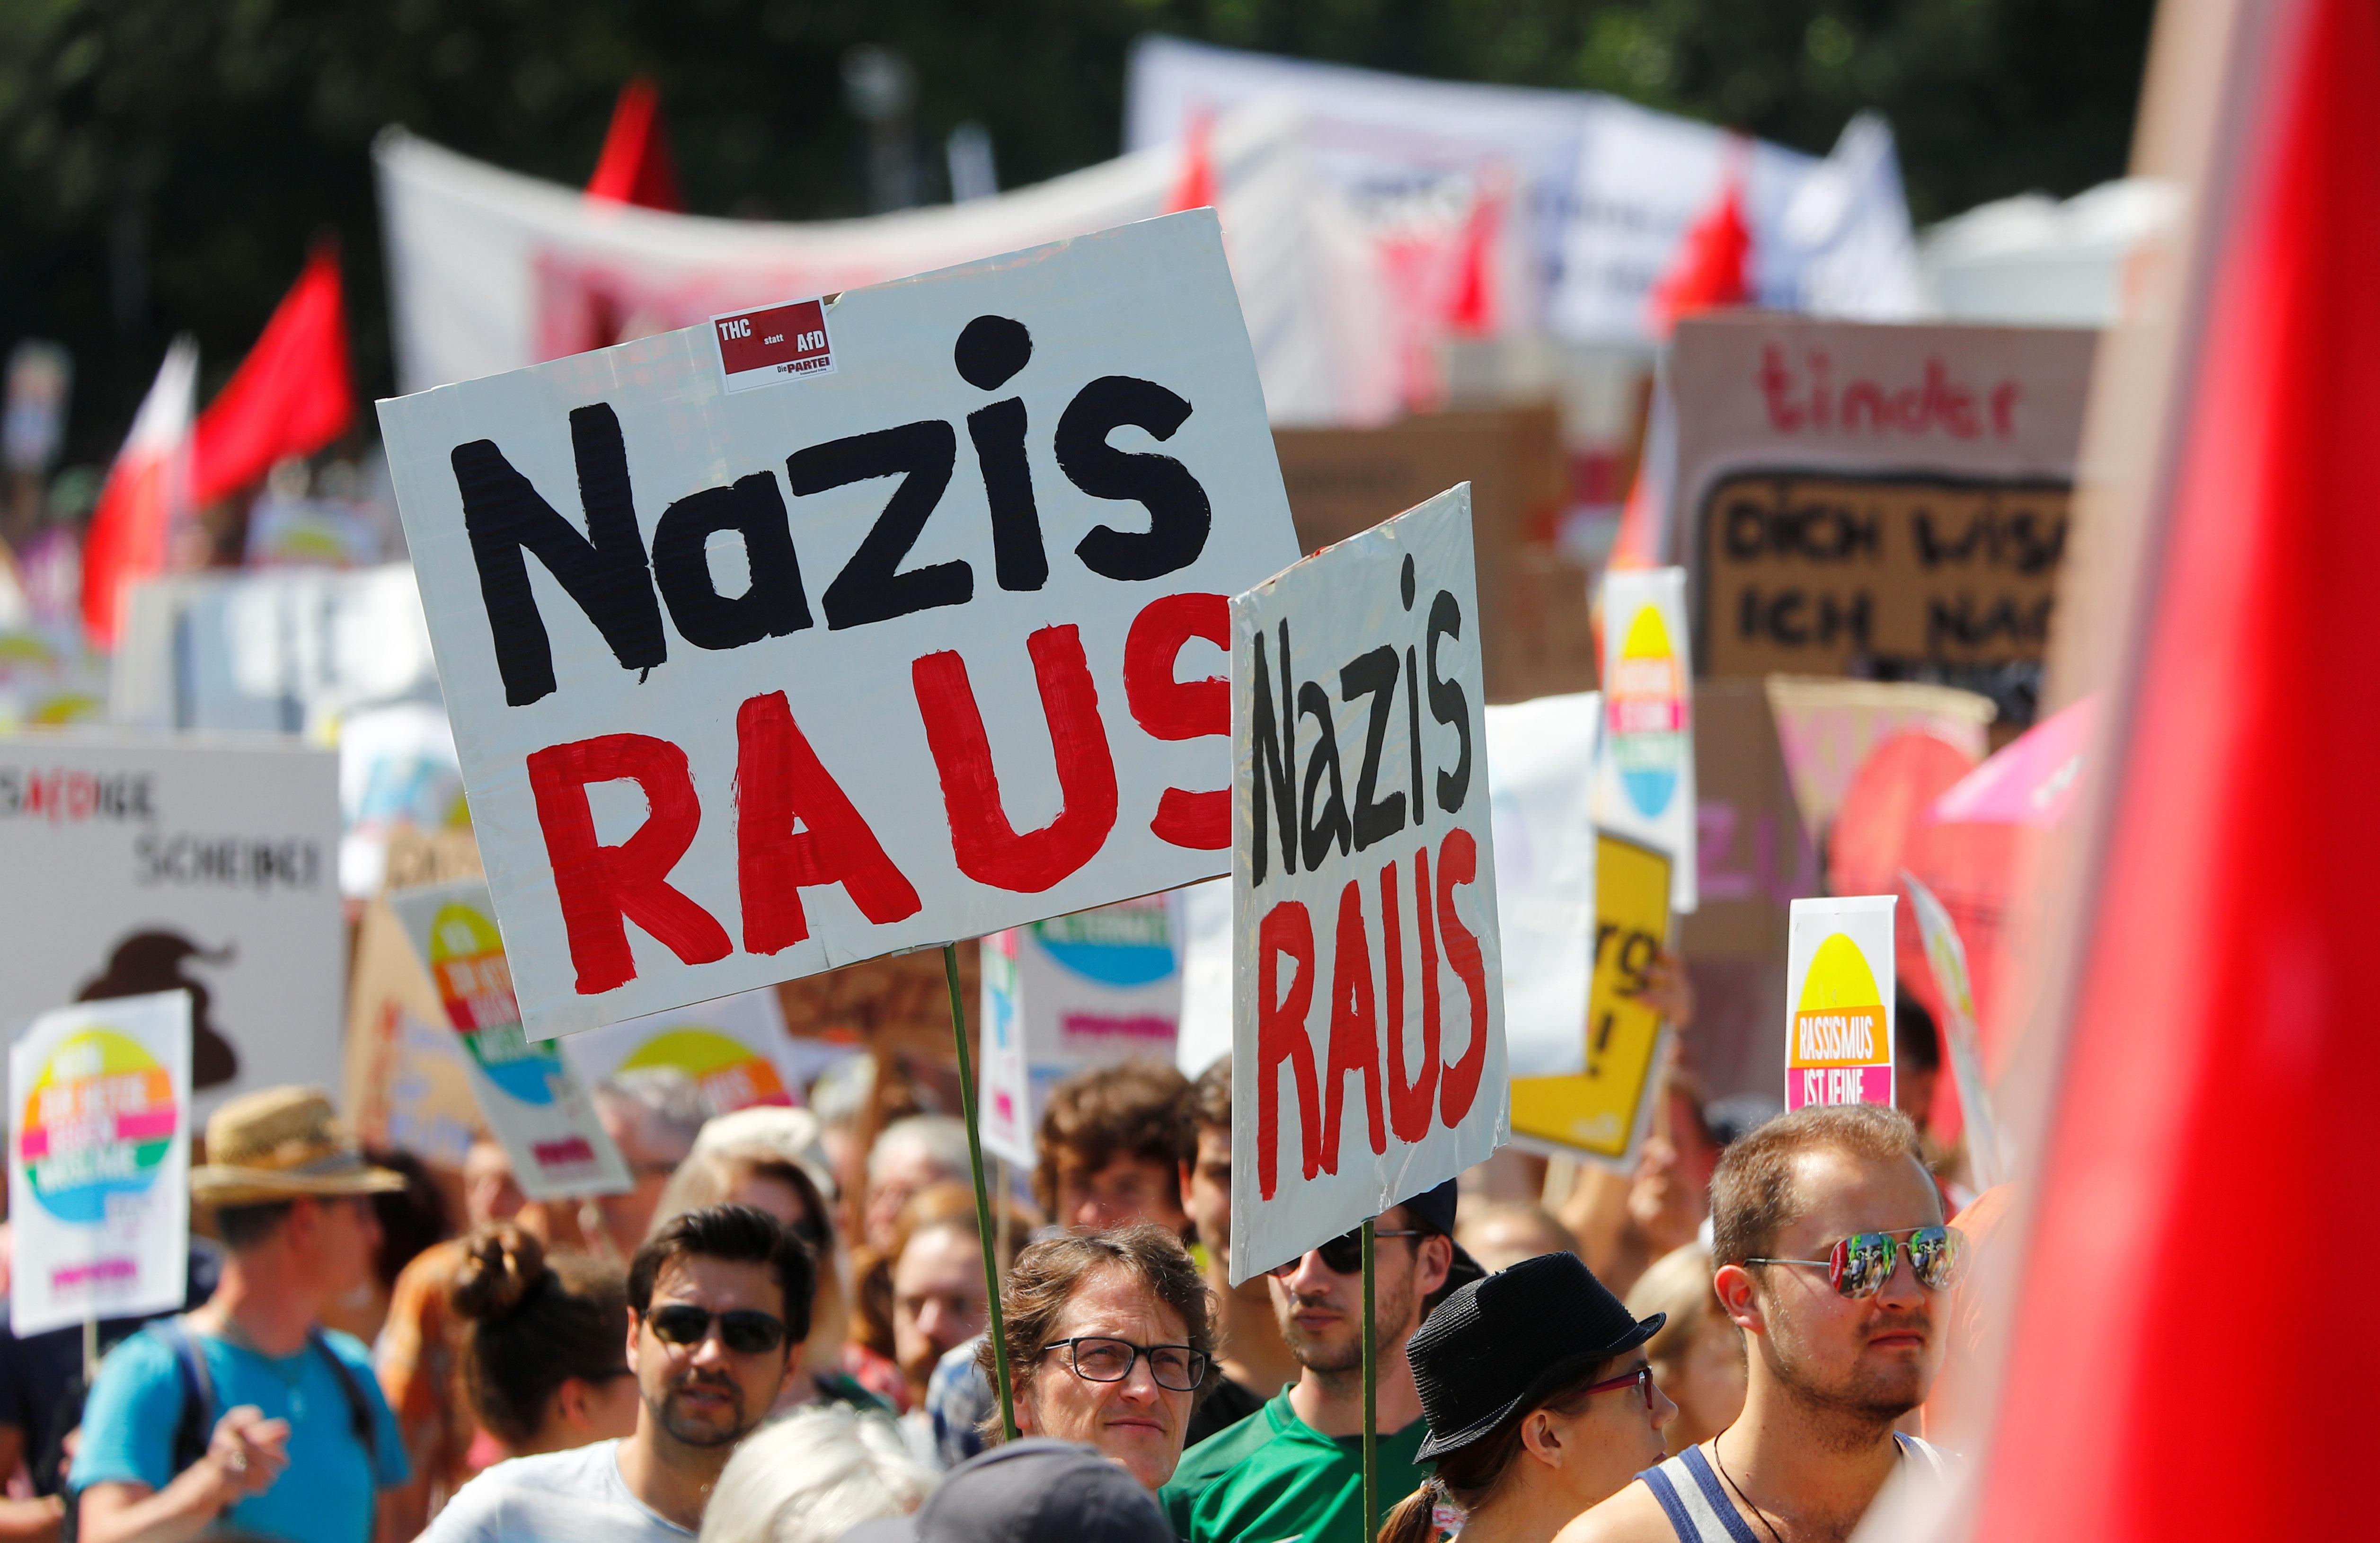 Δεύτερο κόμμα στη Γερμανία με 17% το ακροδεξιό και ξενοφοβικό AfD